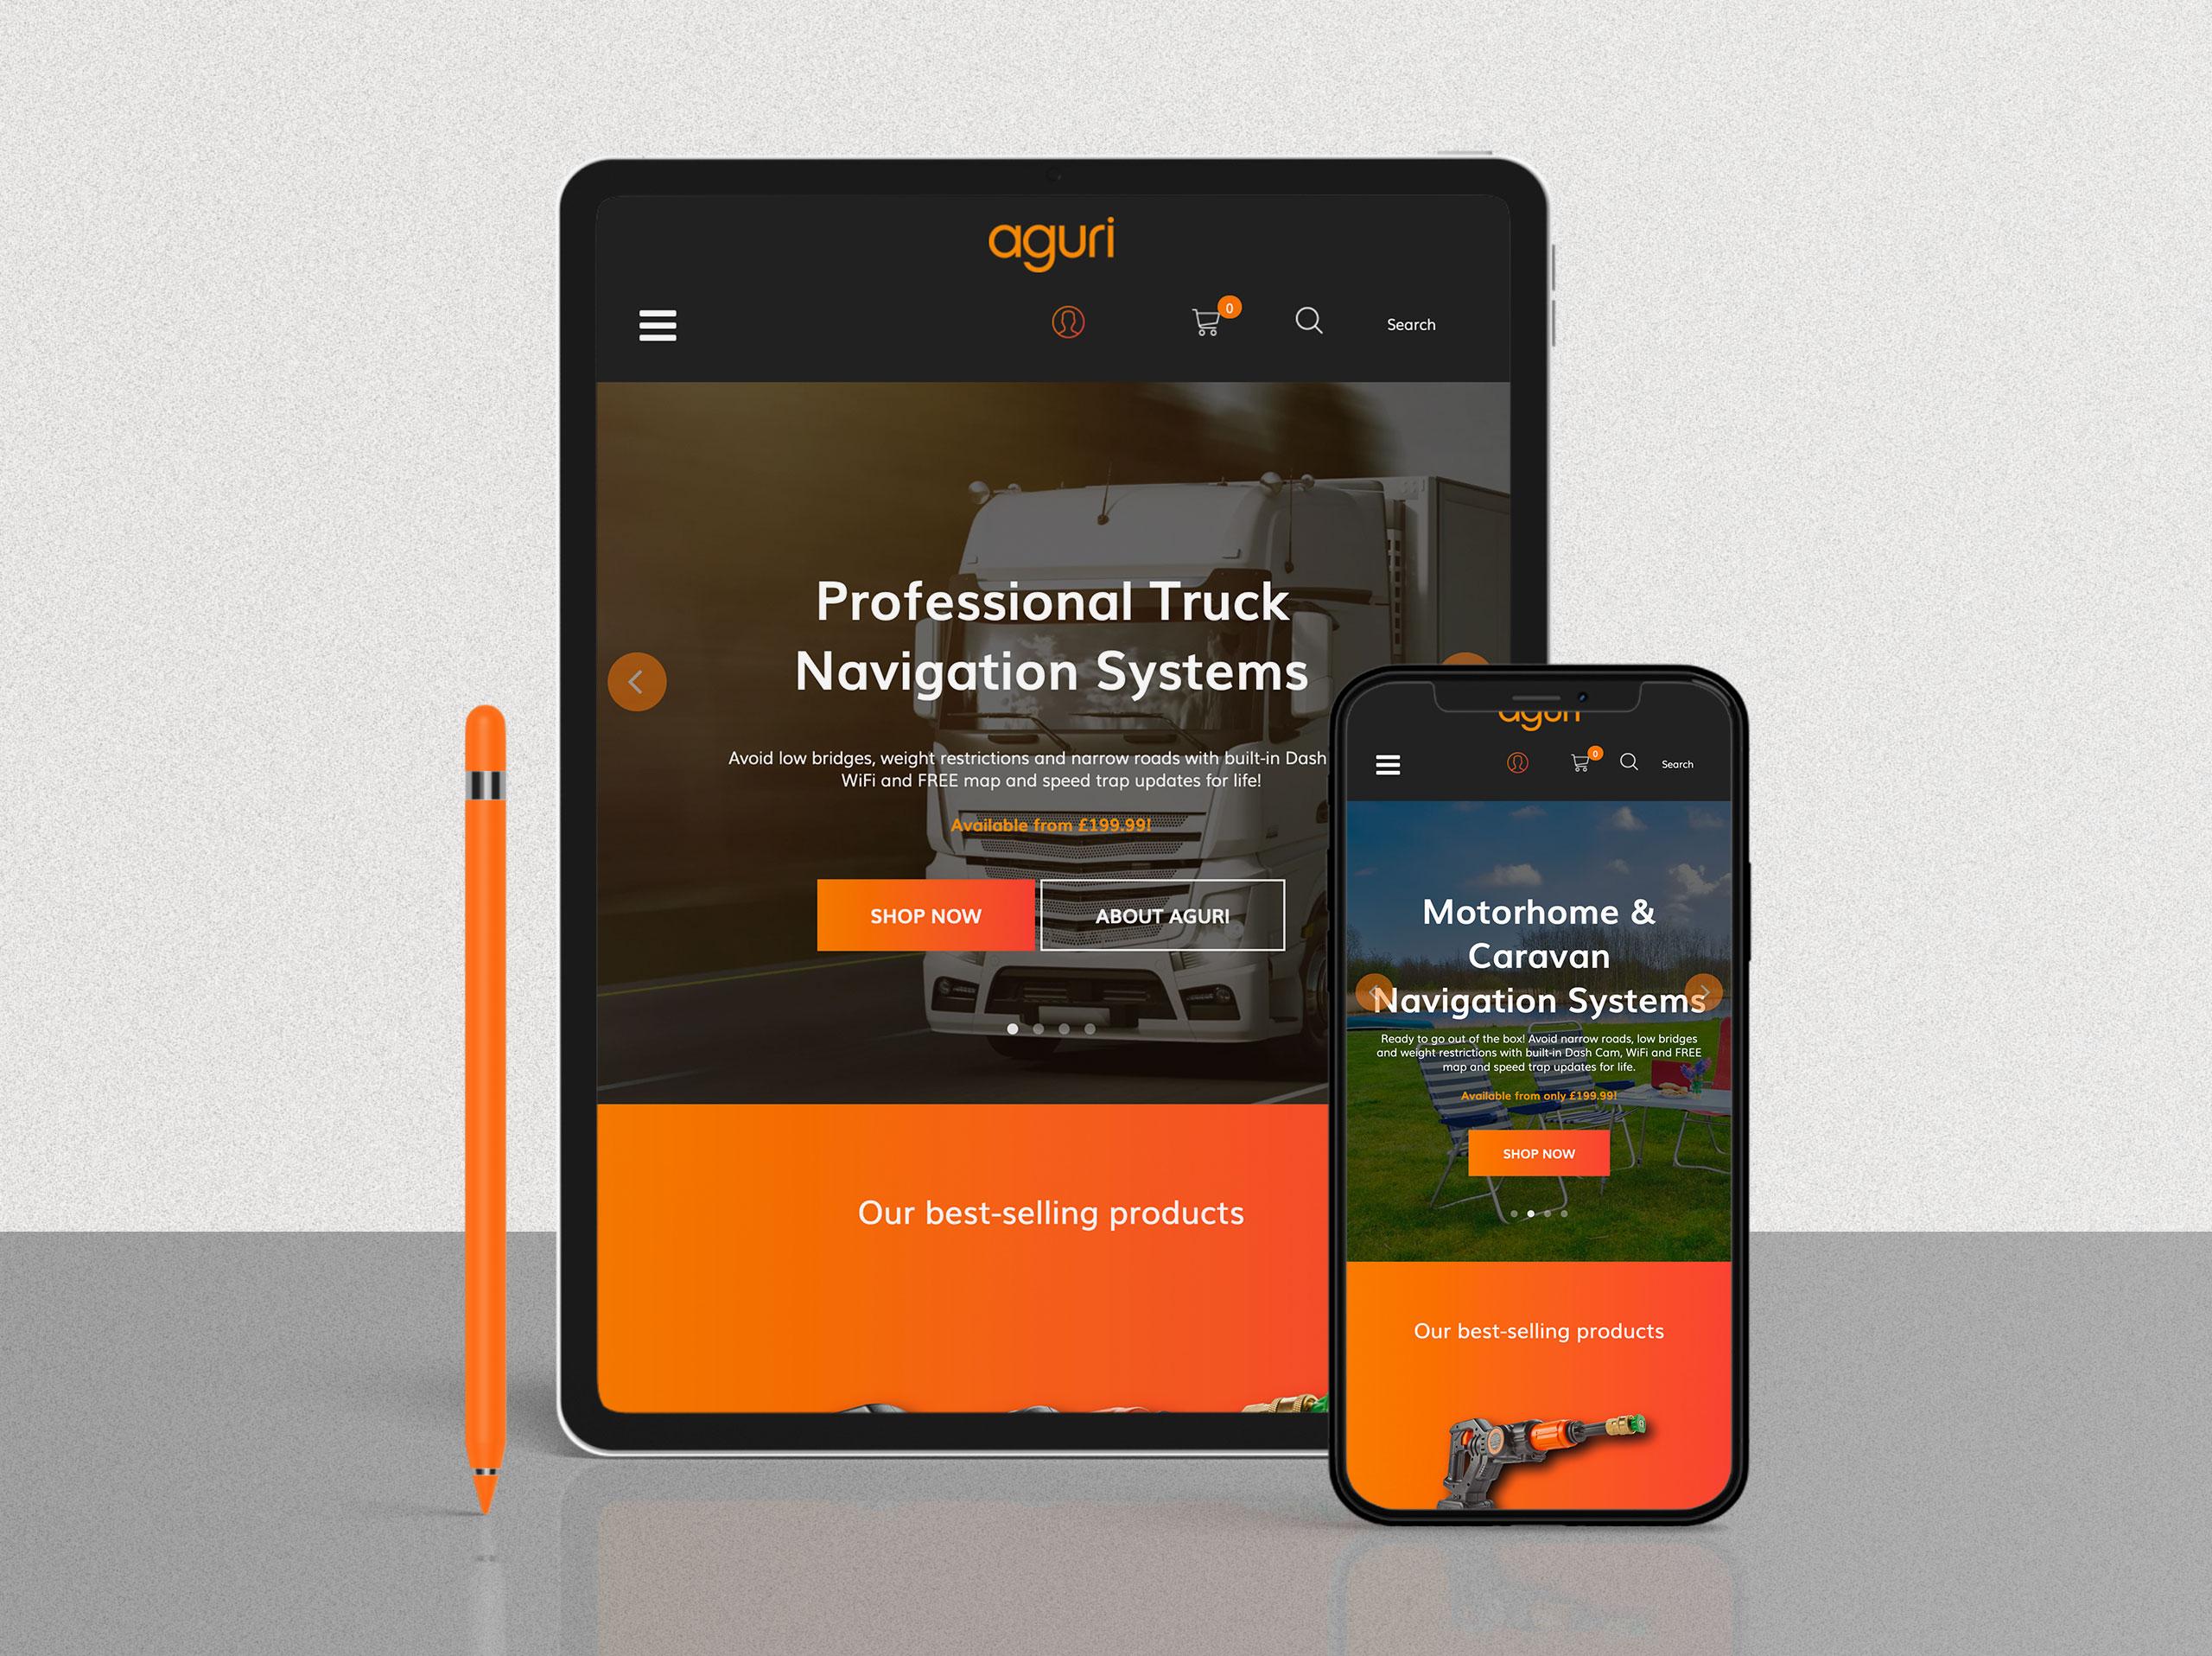 Aguri tablet and mobile visual